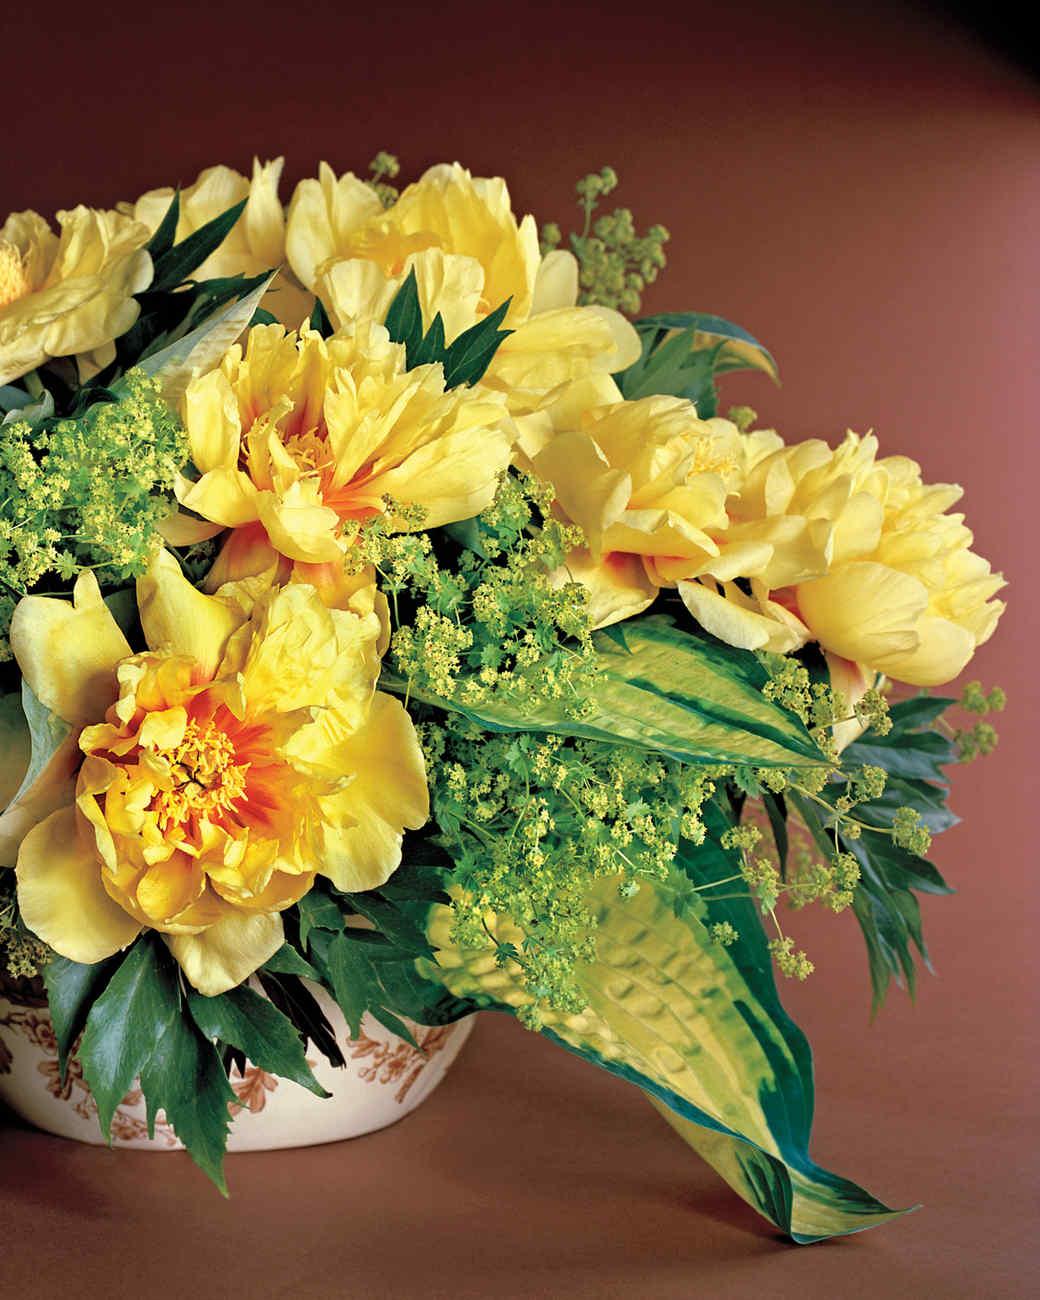 17 Best images about Floral arrangements on Pinterest ... |Large Spring Floral Arrangements